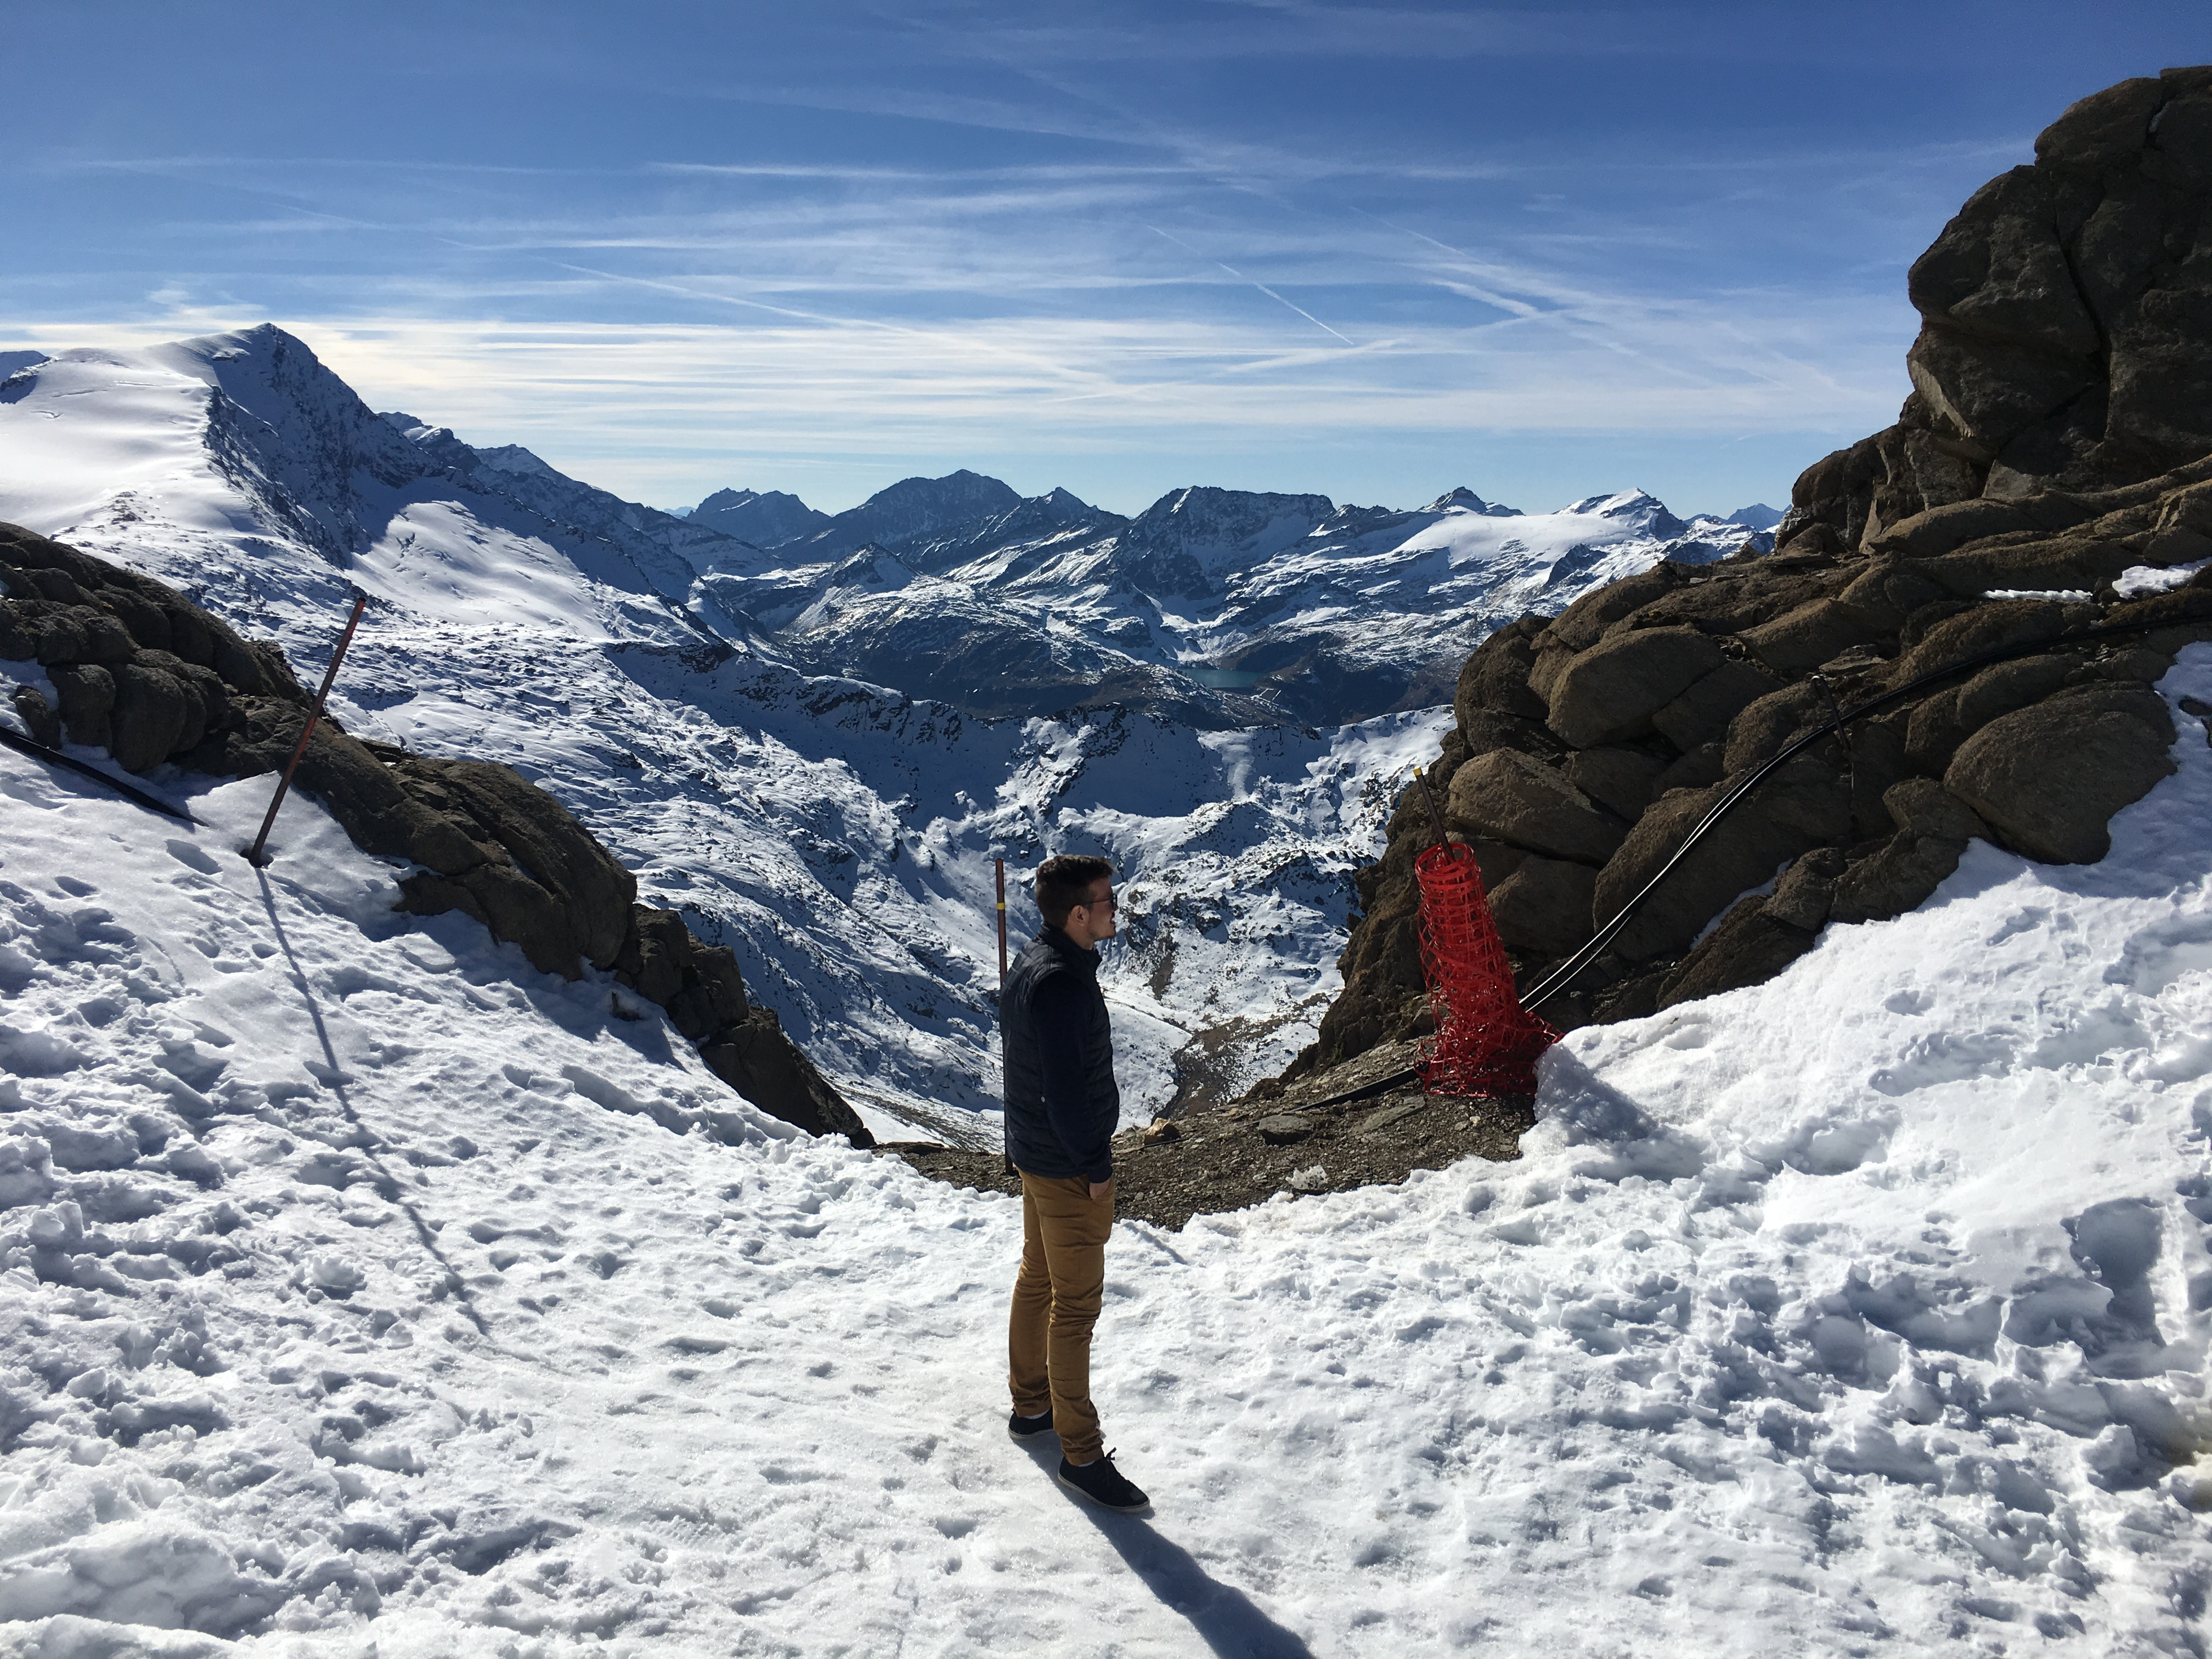 Aussicht in verschneite Berge